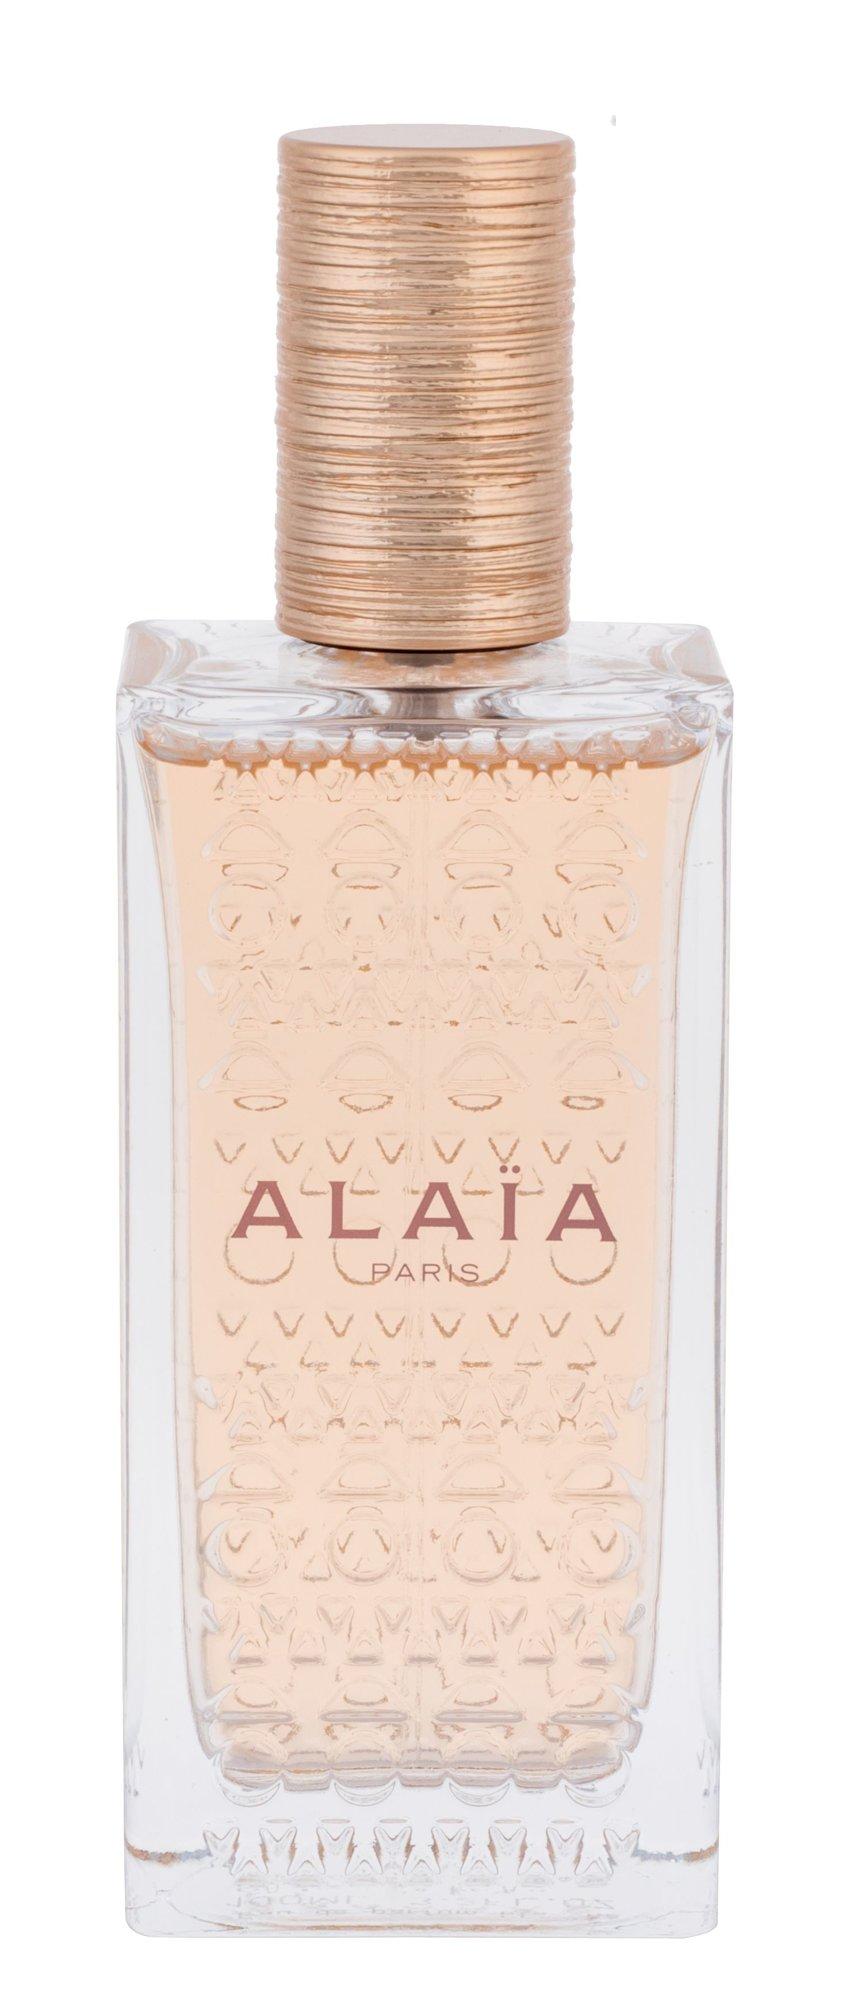 Azzedine Alaia Alaia Blanche EDP 100ml